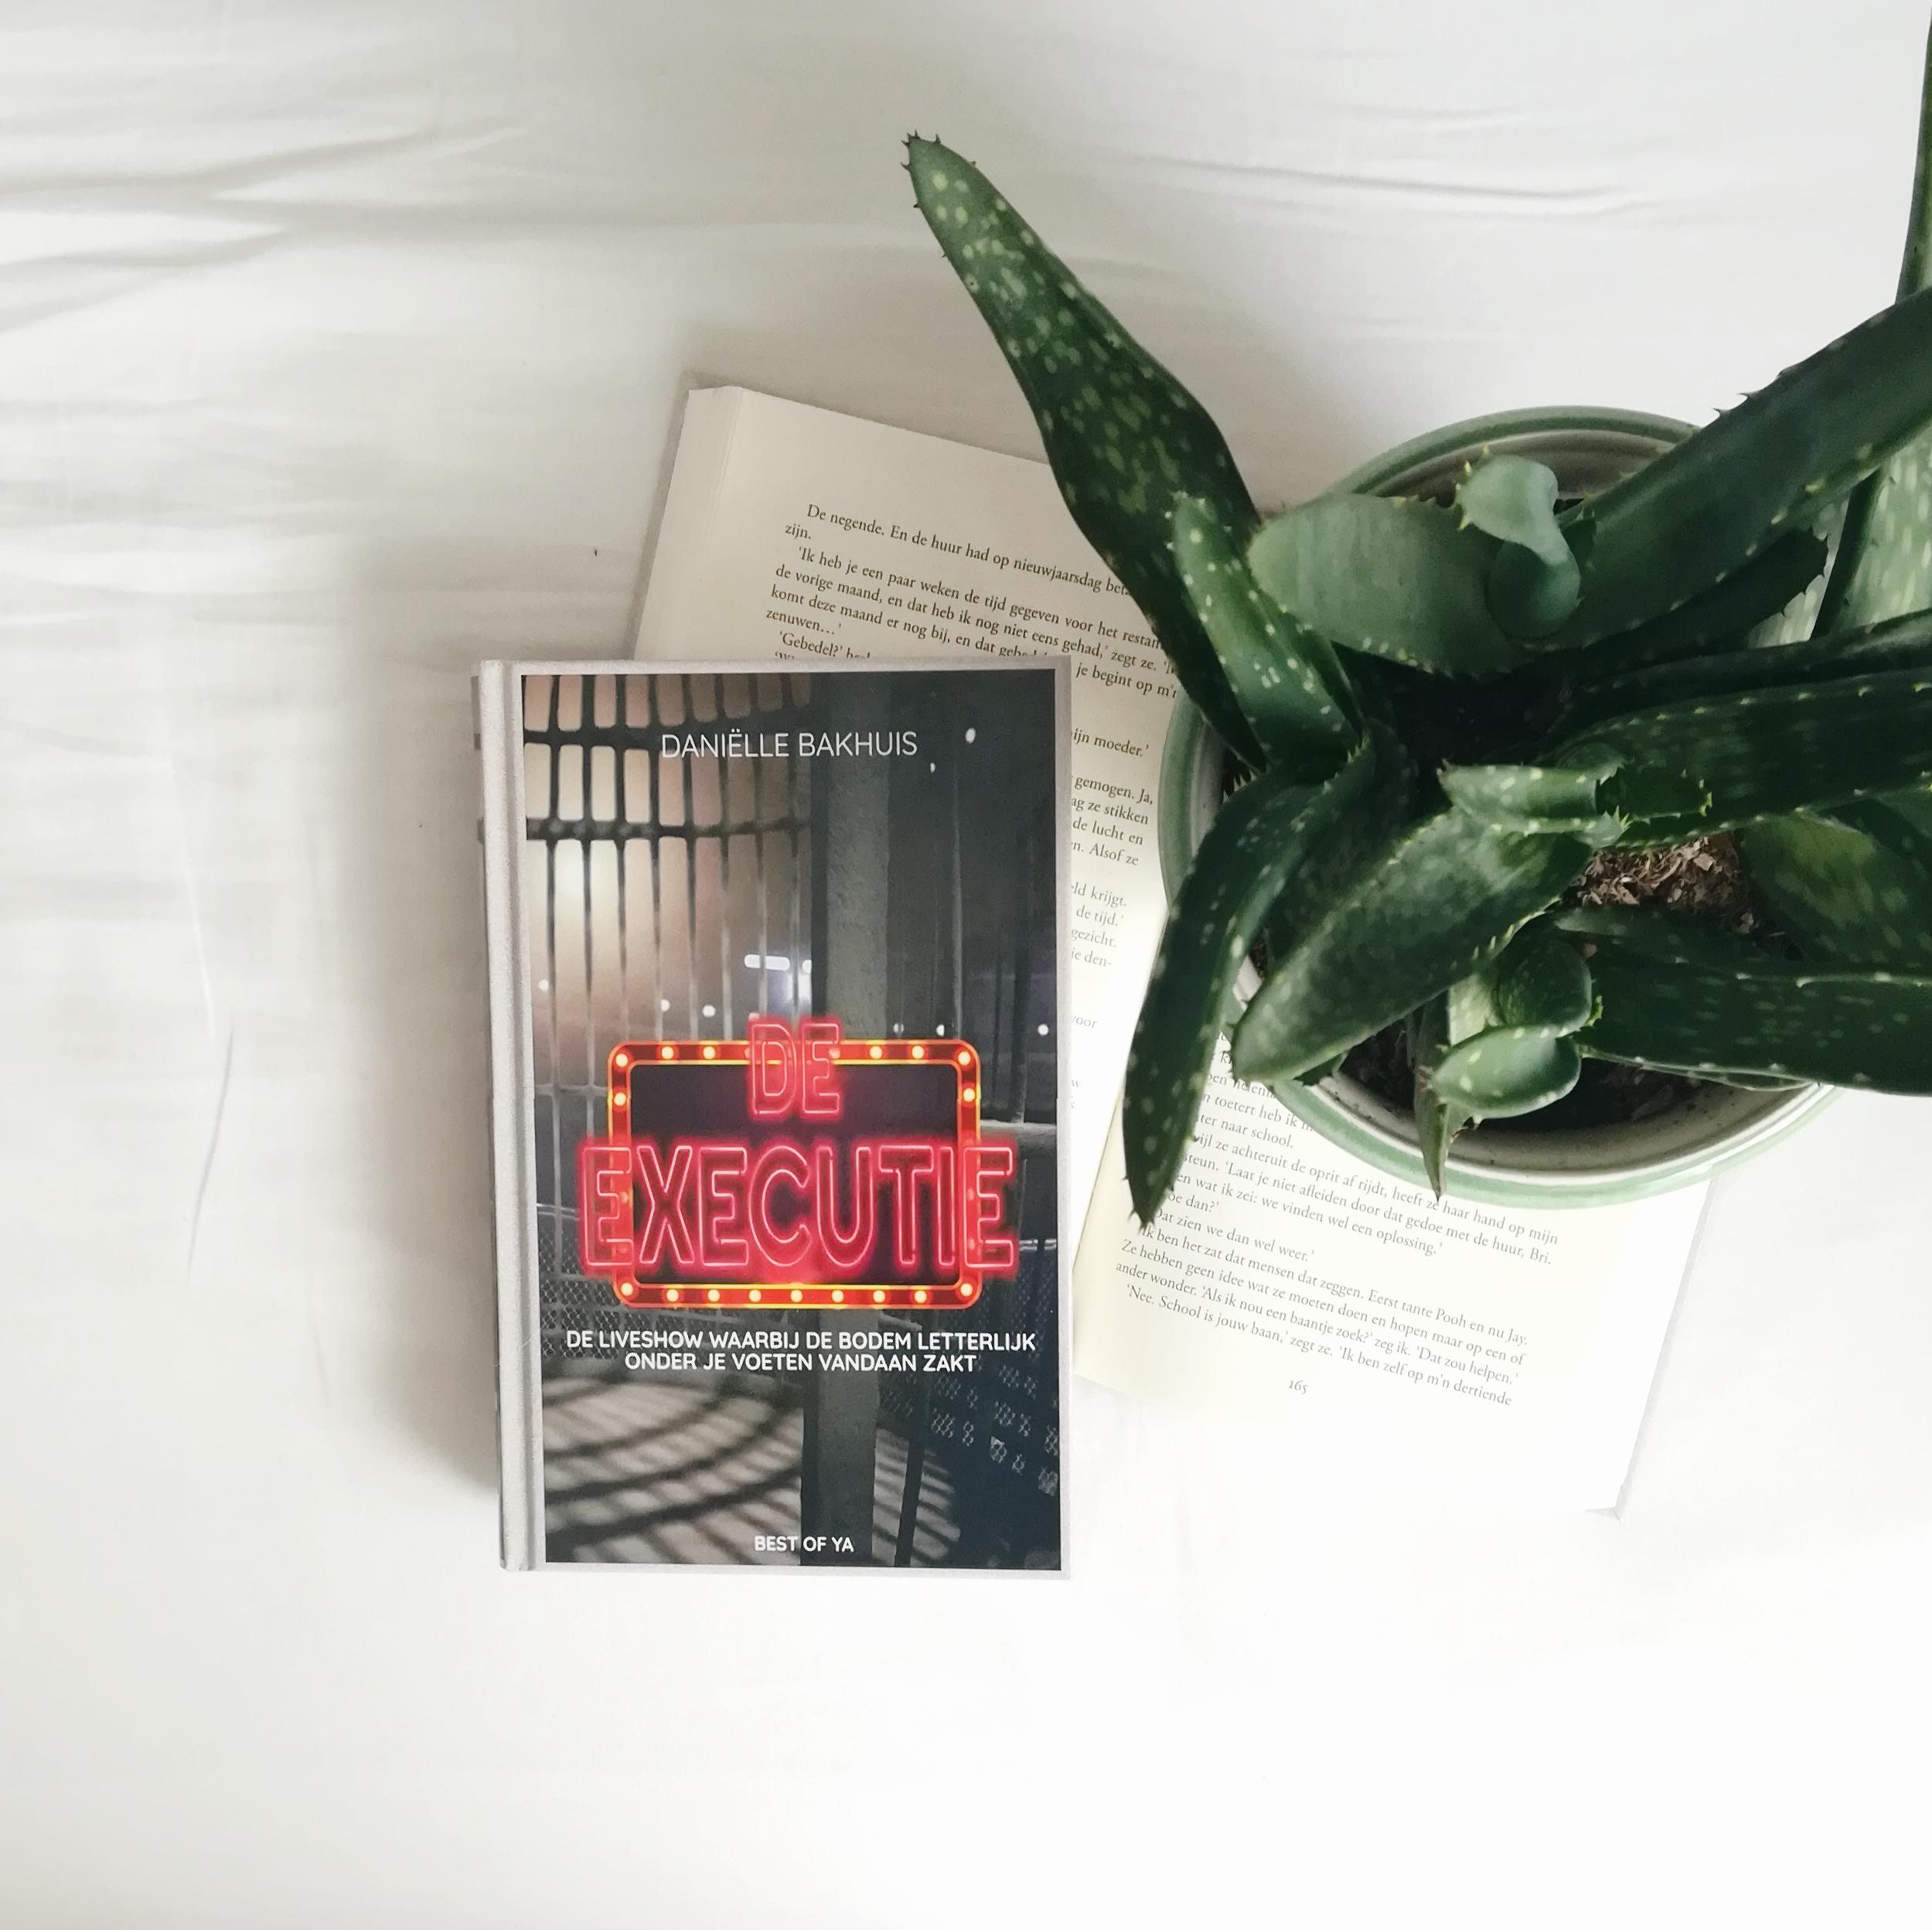 De executie - Danielle Bakhuis recensie | Marieke's Books